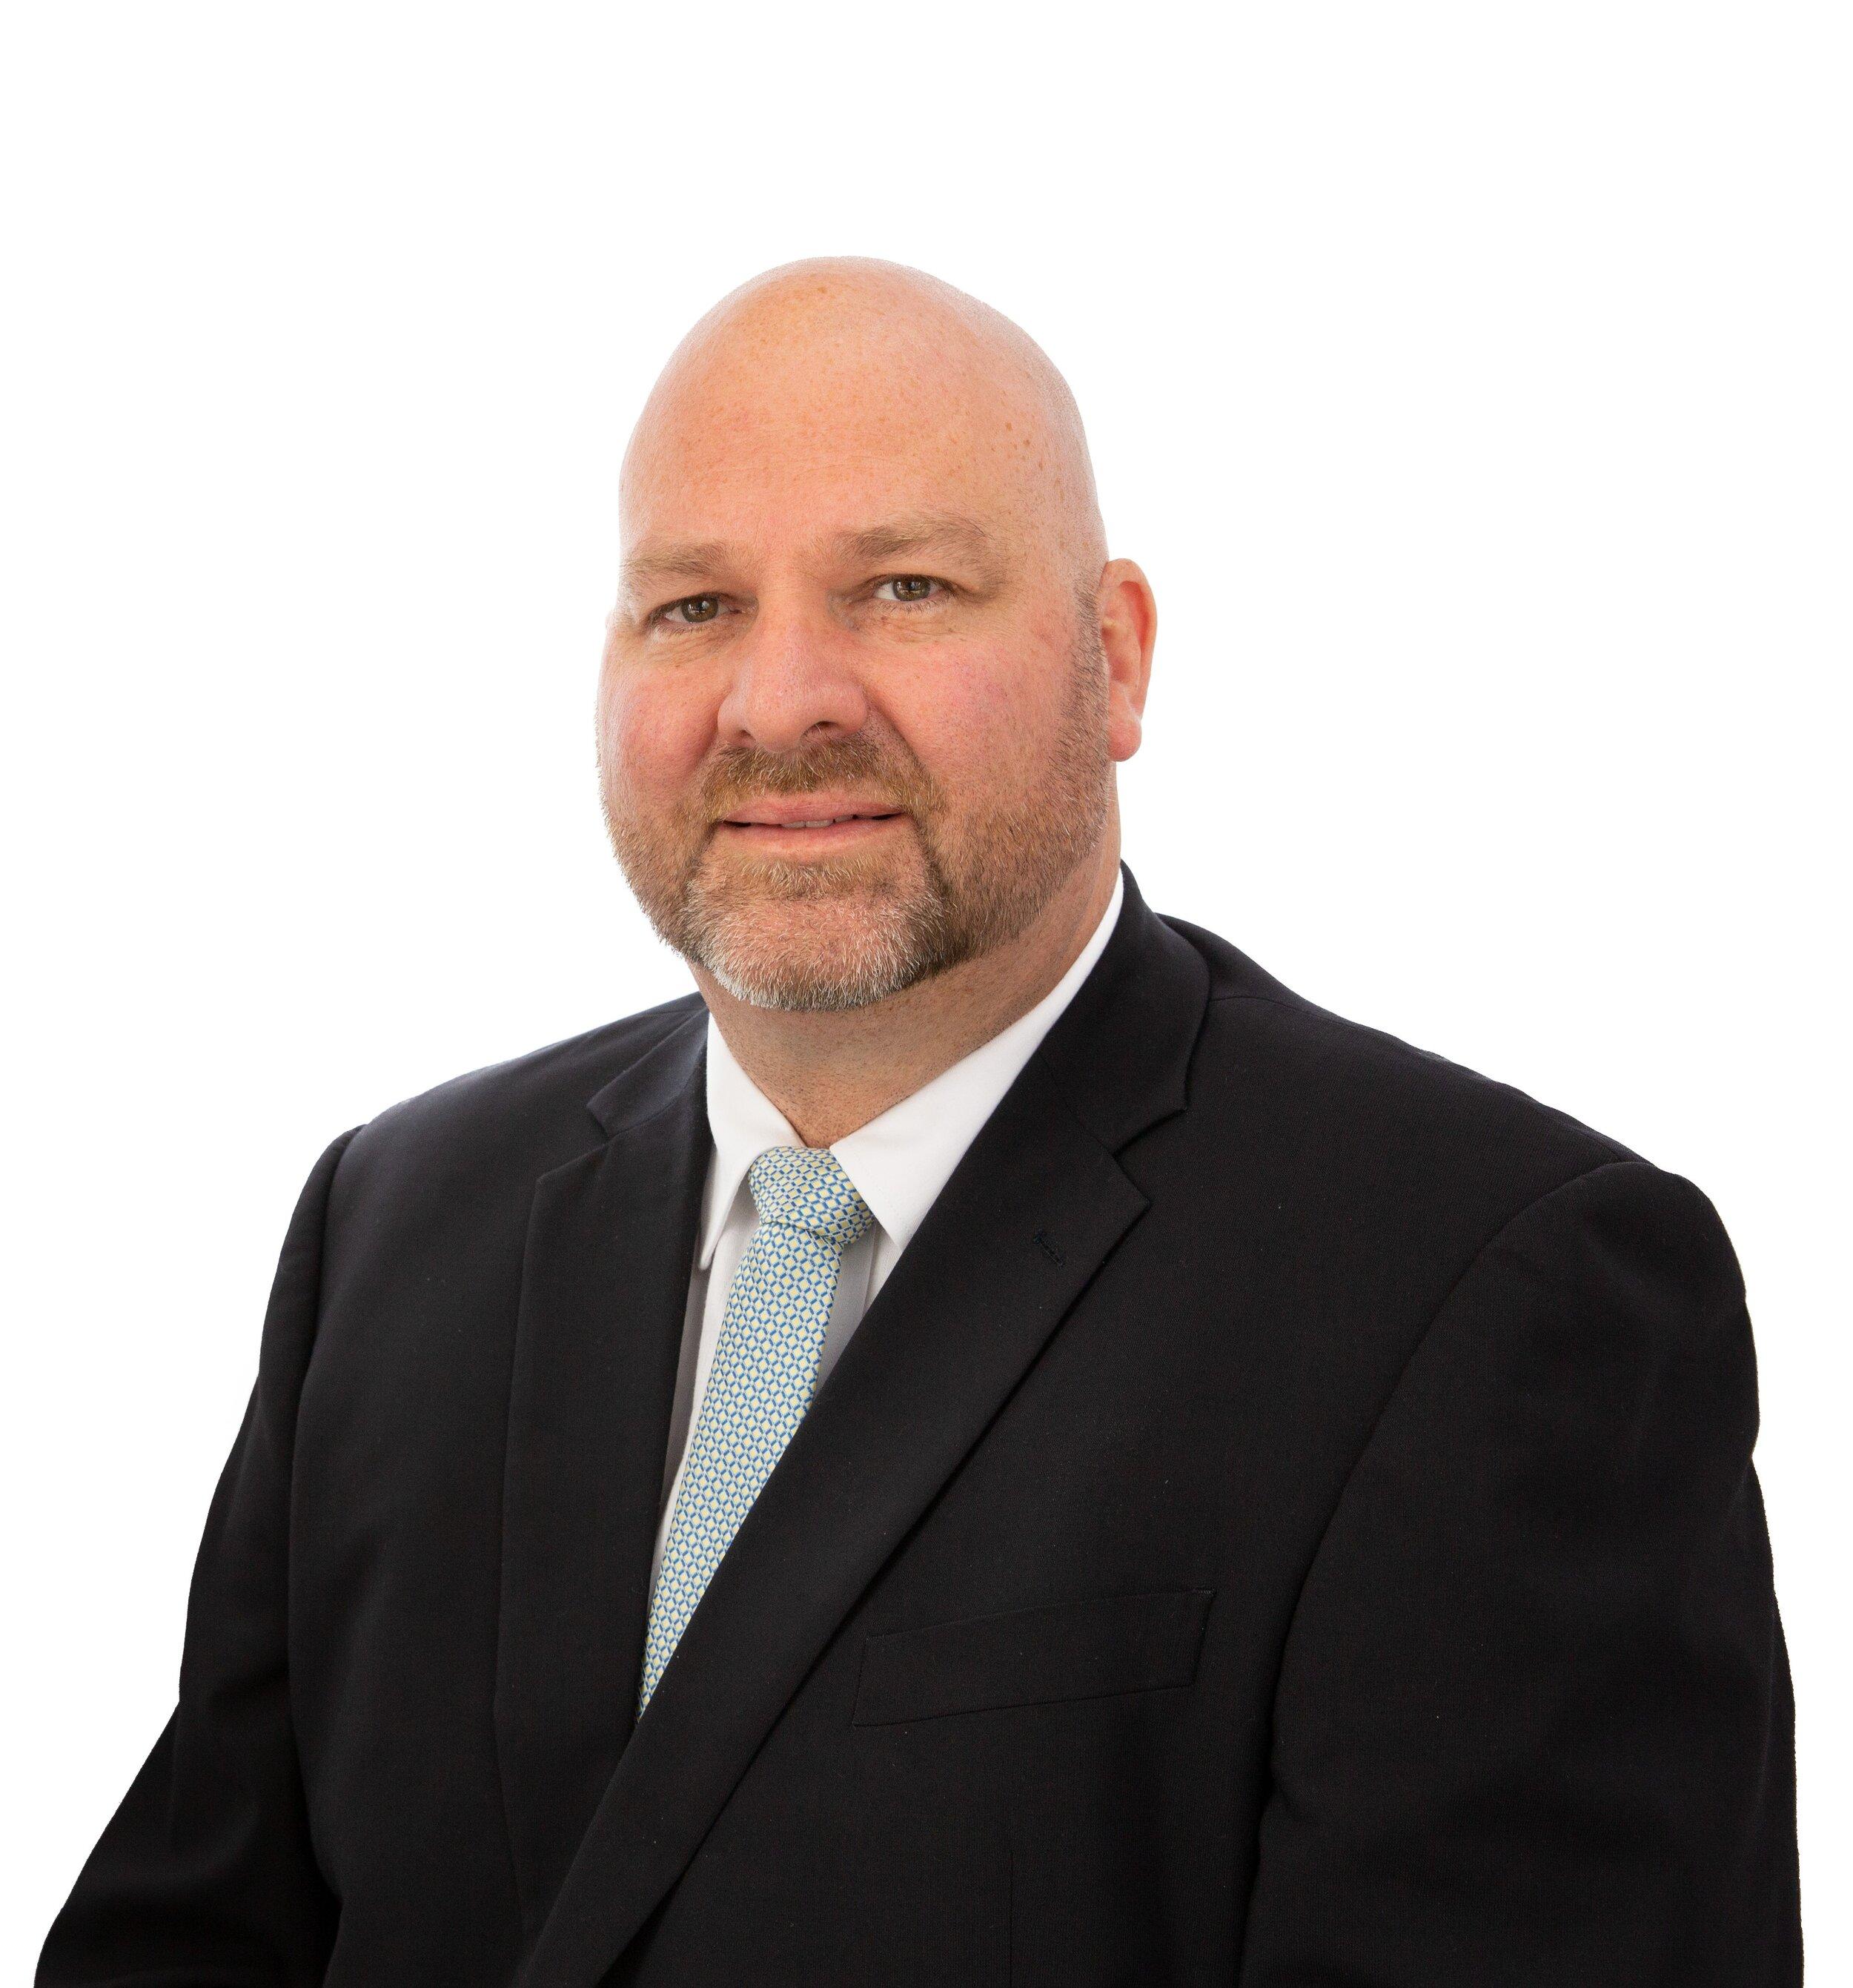 Greg Sugars - CEO at PRP